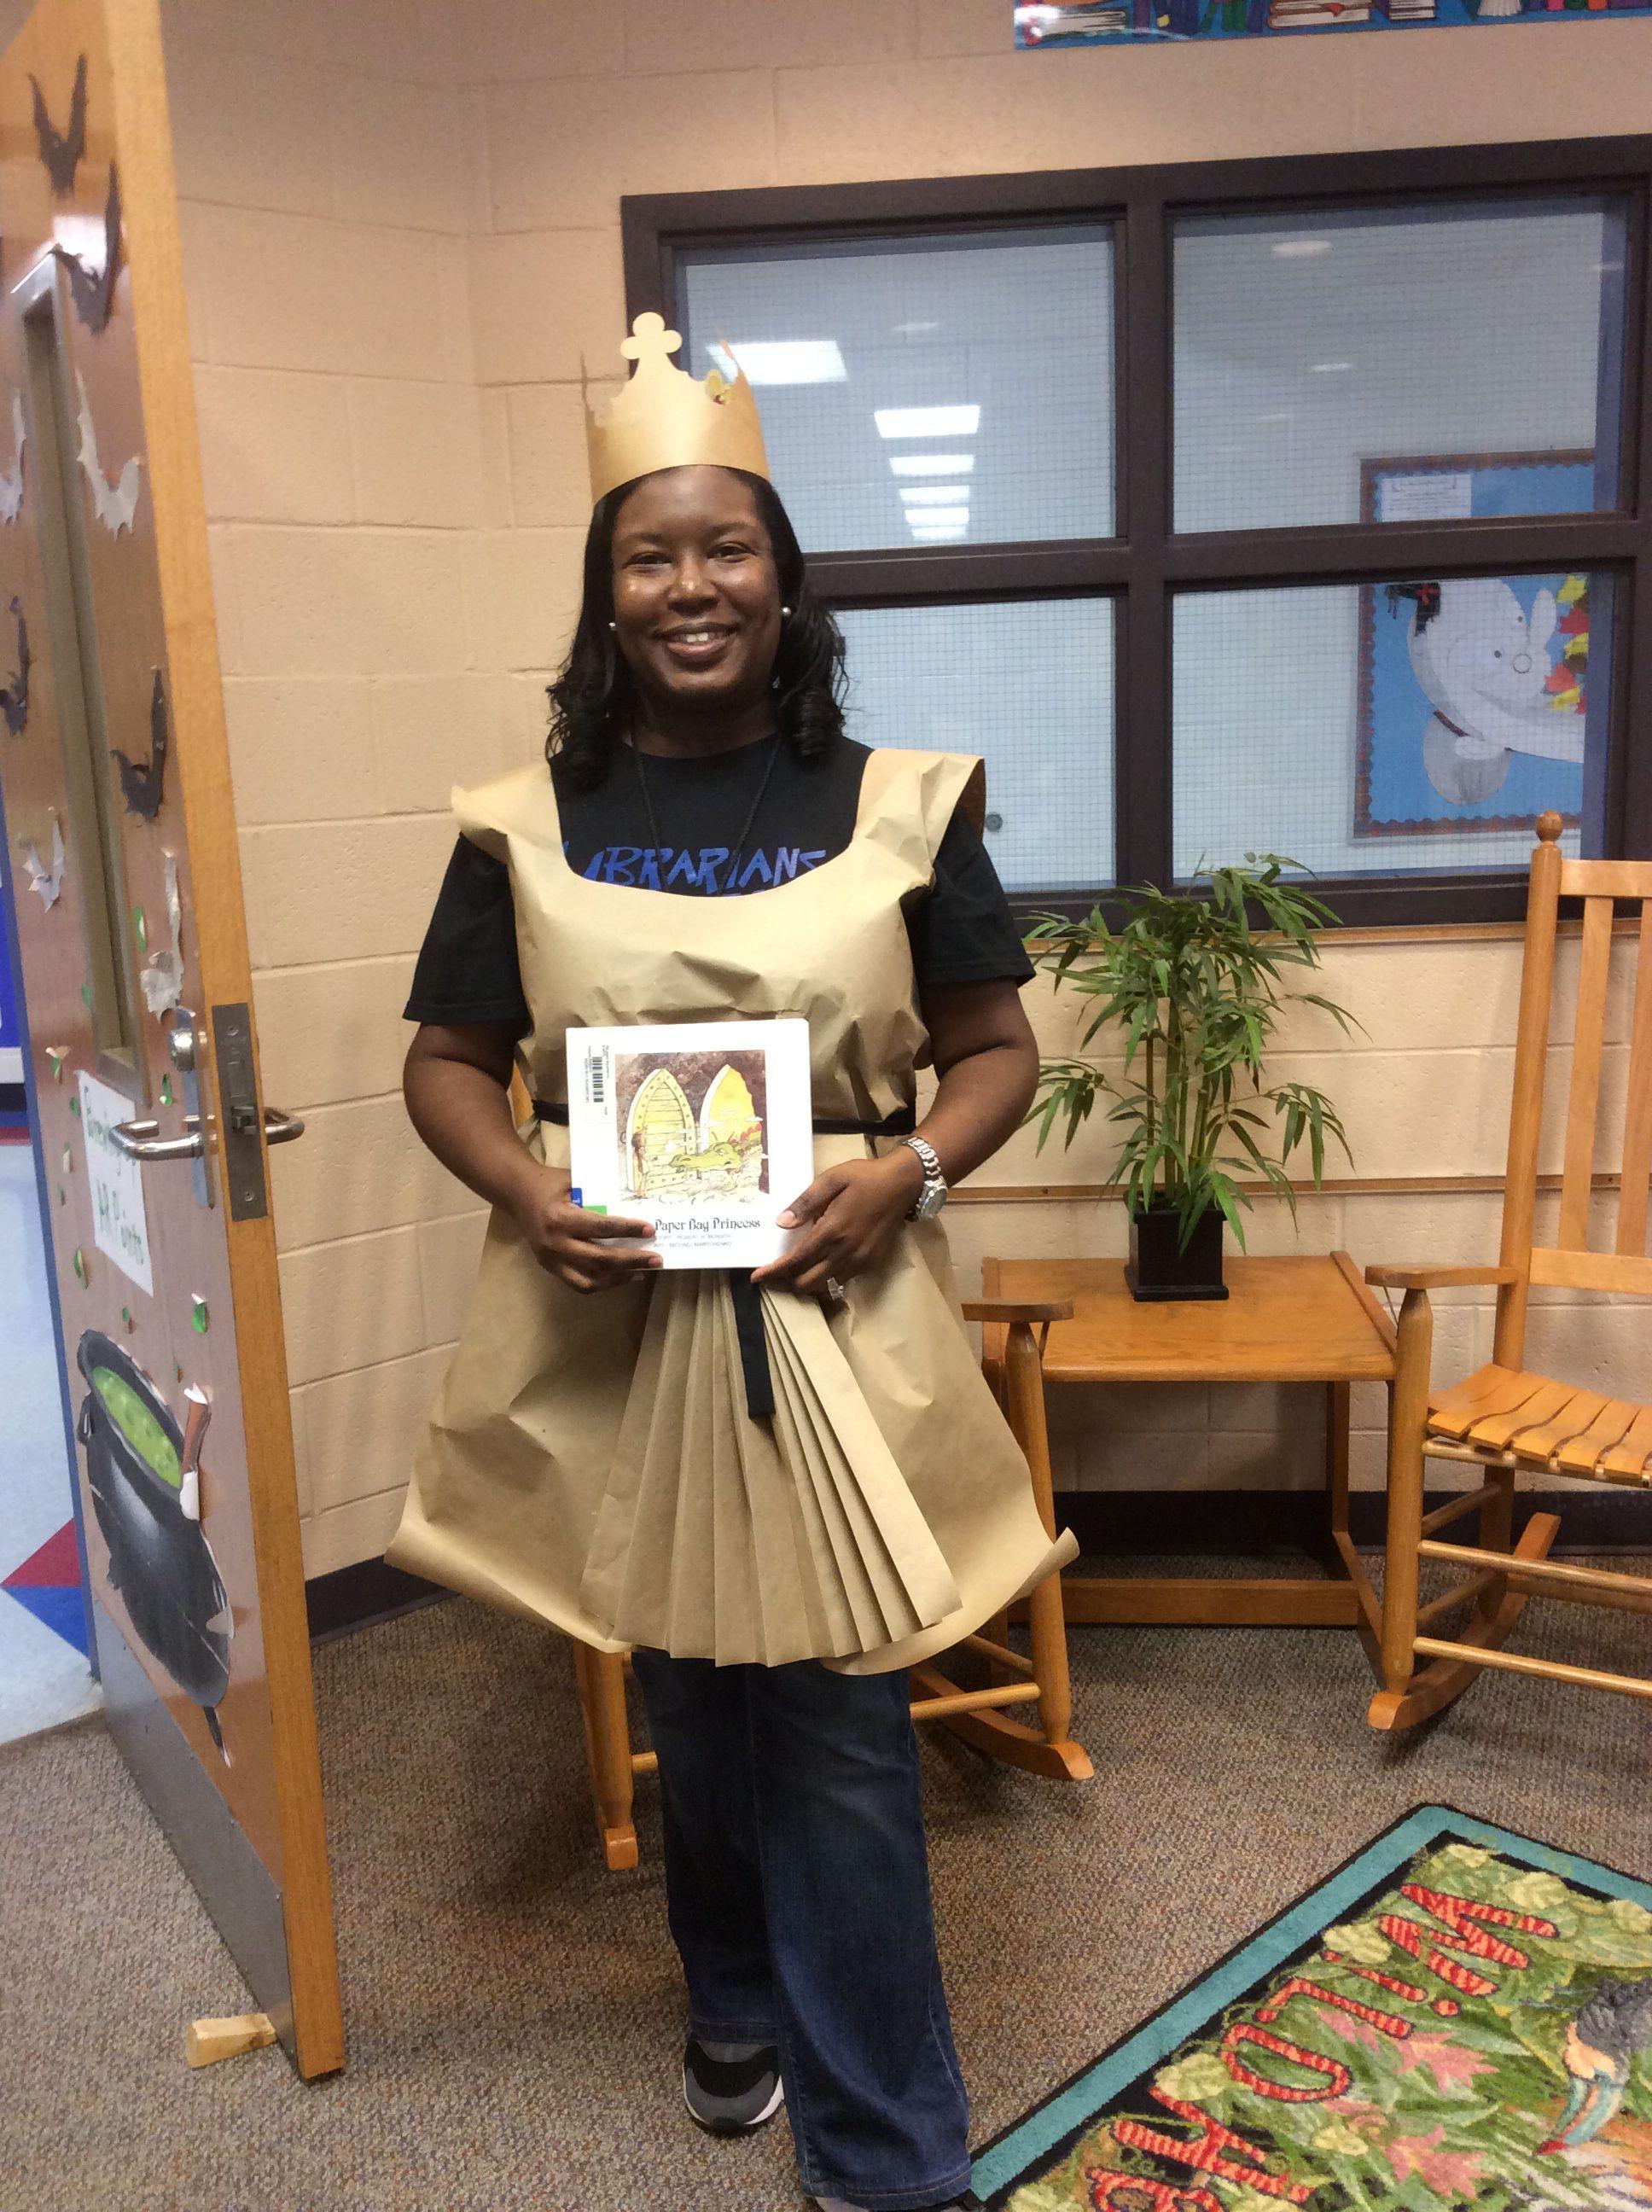 My Paper Bag Princess Costume #paperbagprincesscostume My Paper Bag Princess Costume #paperbagprincesscostume